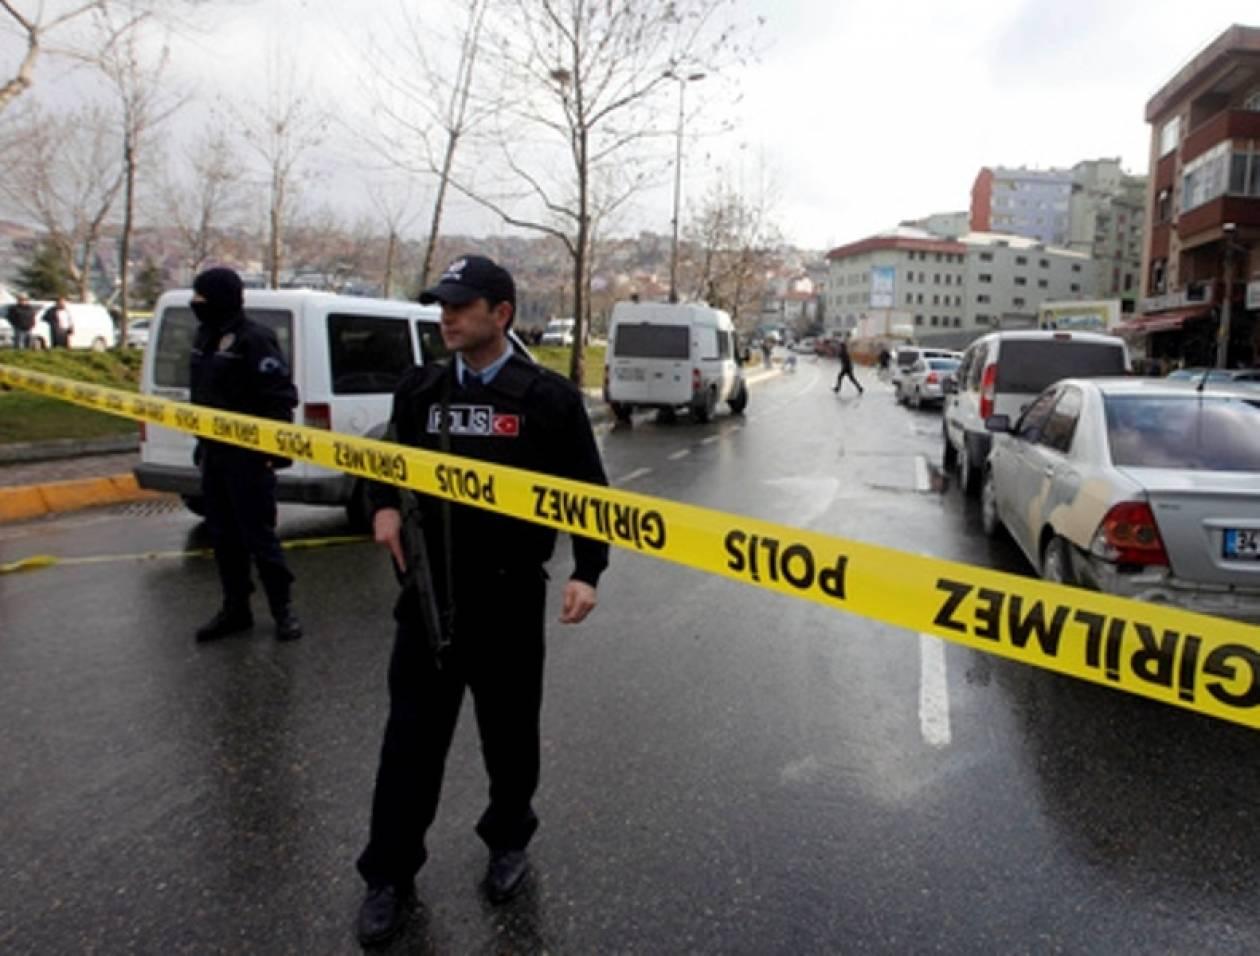 Έκρηξη σε πανεπιστήμιο της Κωνσταντινούπολης